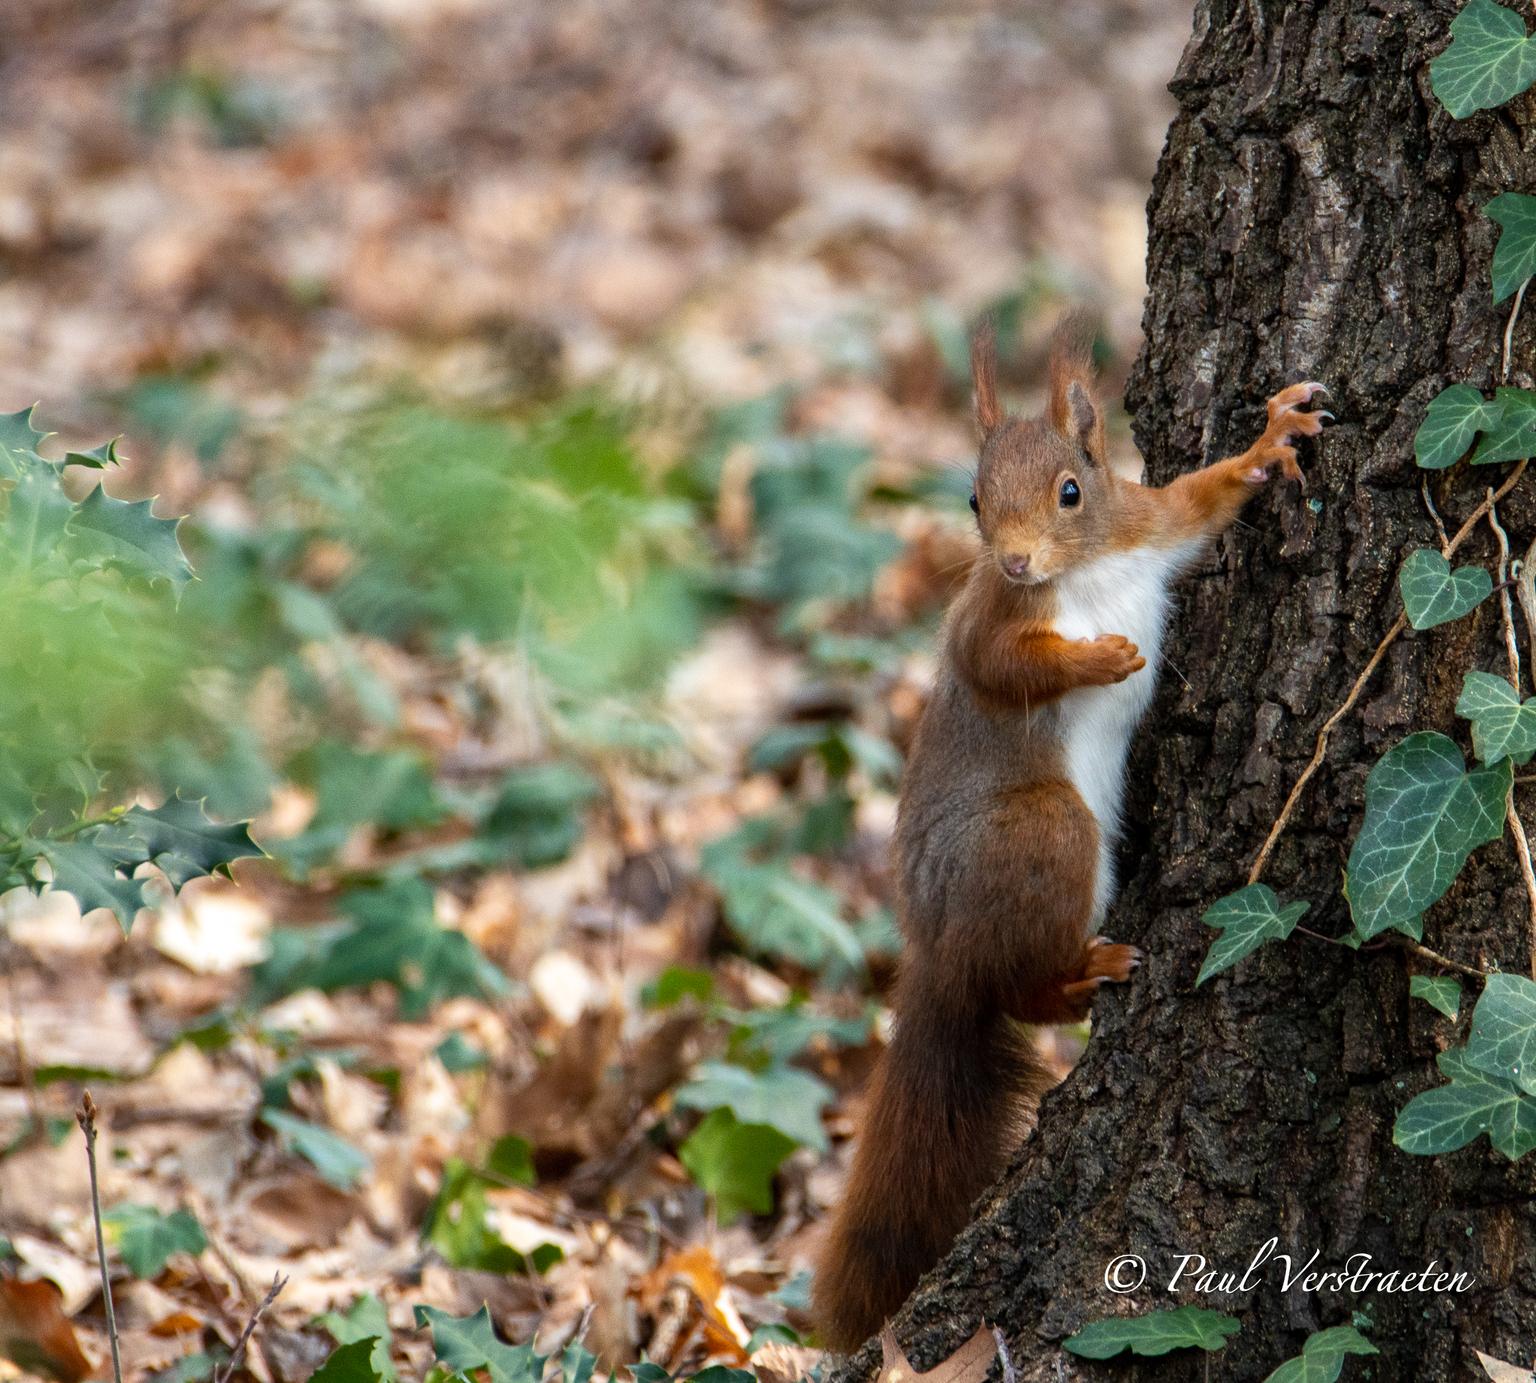 Eekhoorn - Eekhoorn - foto door pablo21 op 15-04-2021 - locatie: Hulst, Nederland - deze foto bevat: euraziatische rode eekhoorn, fabriek, knaagdier, fawn, gras, eekhoorn, fox eekhoorn, terrestrische dieren, bakkebaarden, hout